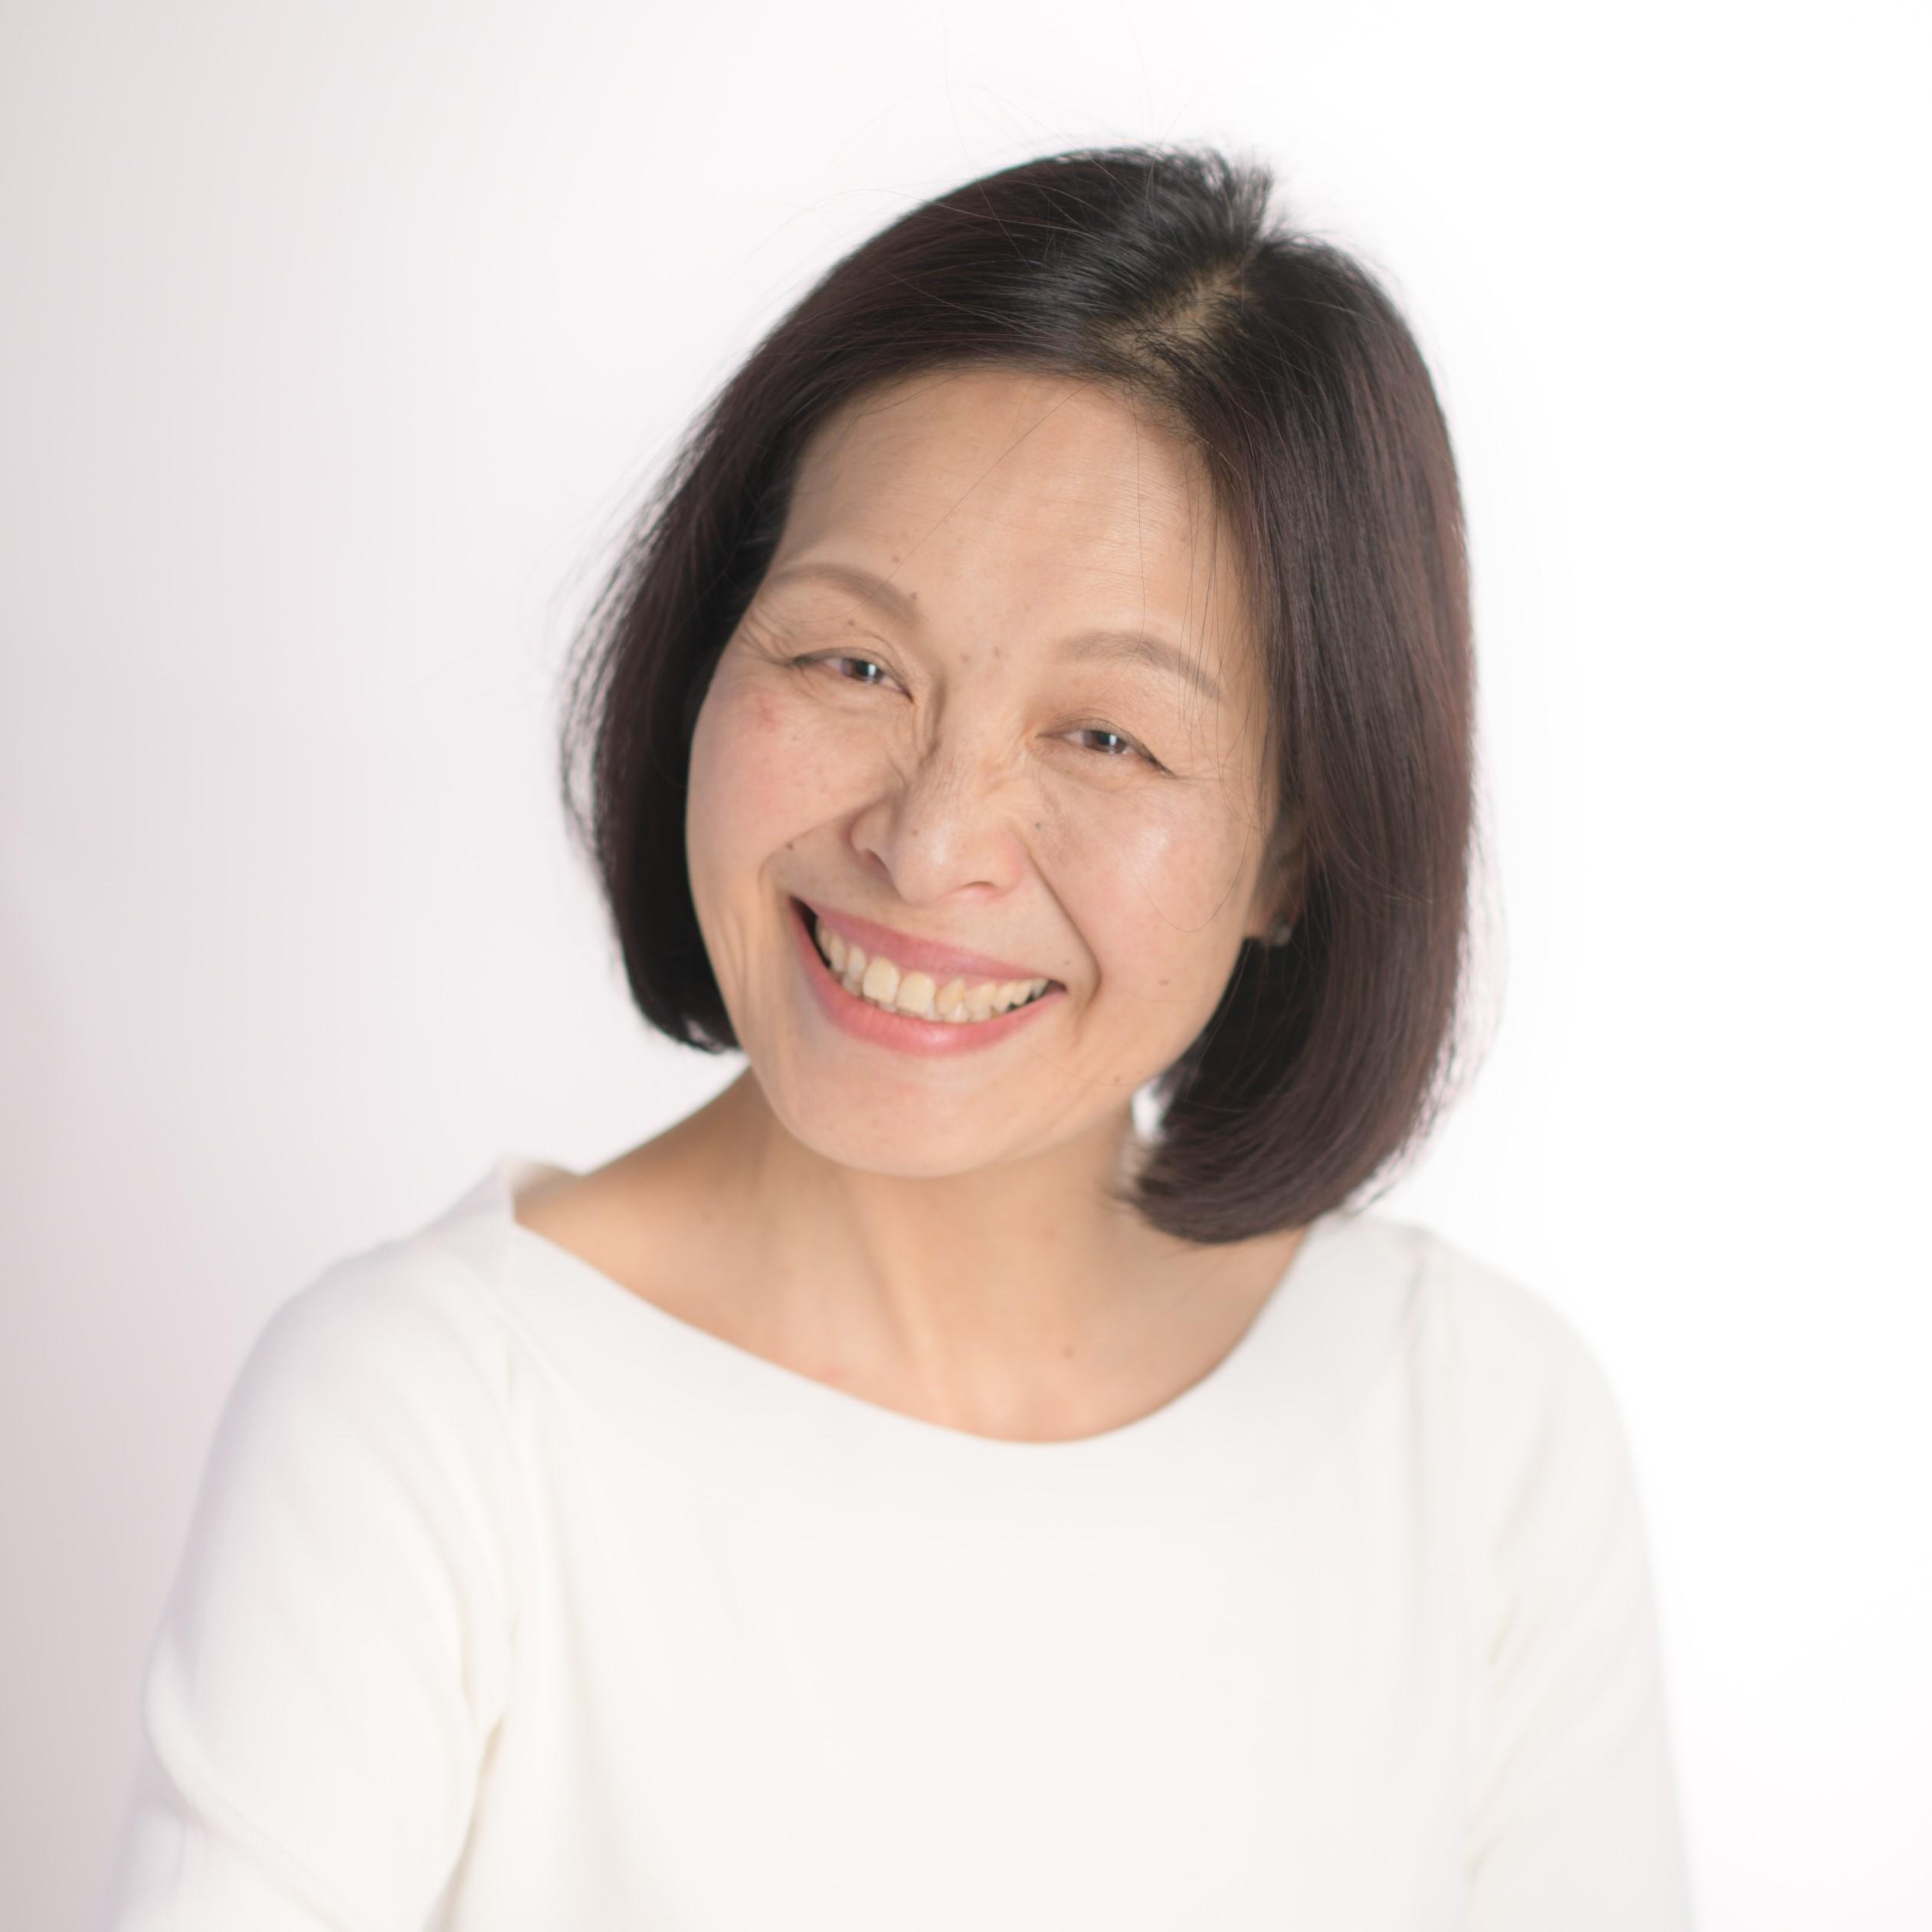 Yuka Haruta